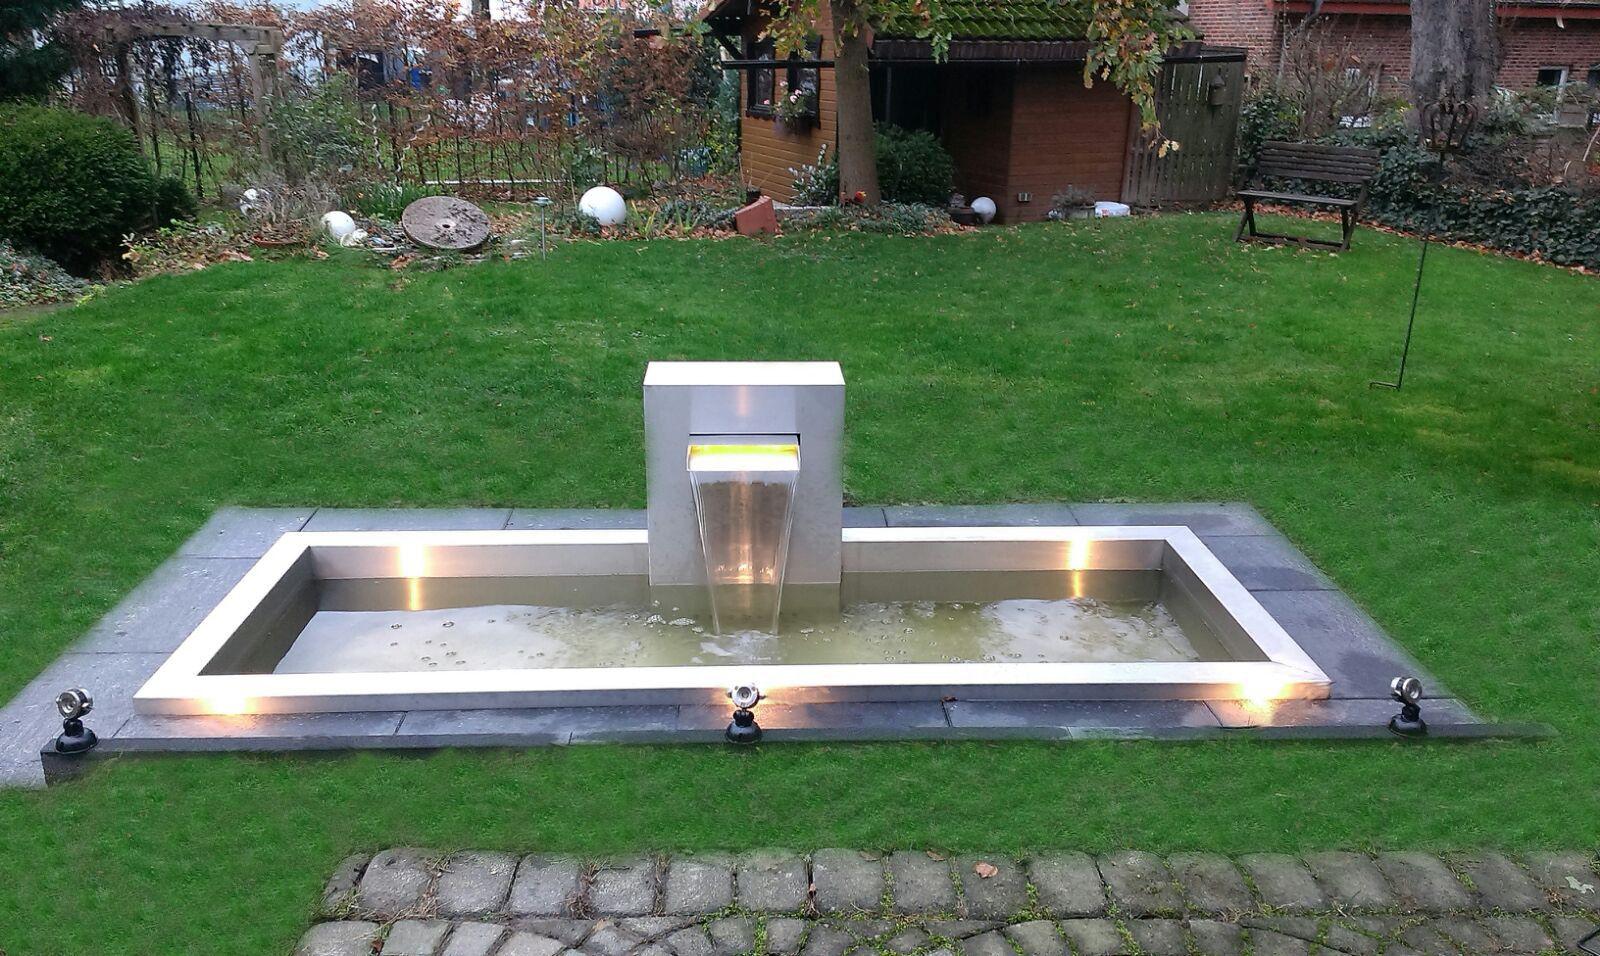 Wasserrinne Edelstahl Garten Garten Im Quadrat Hochbeet In L Form